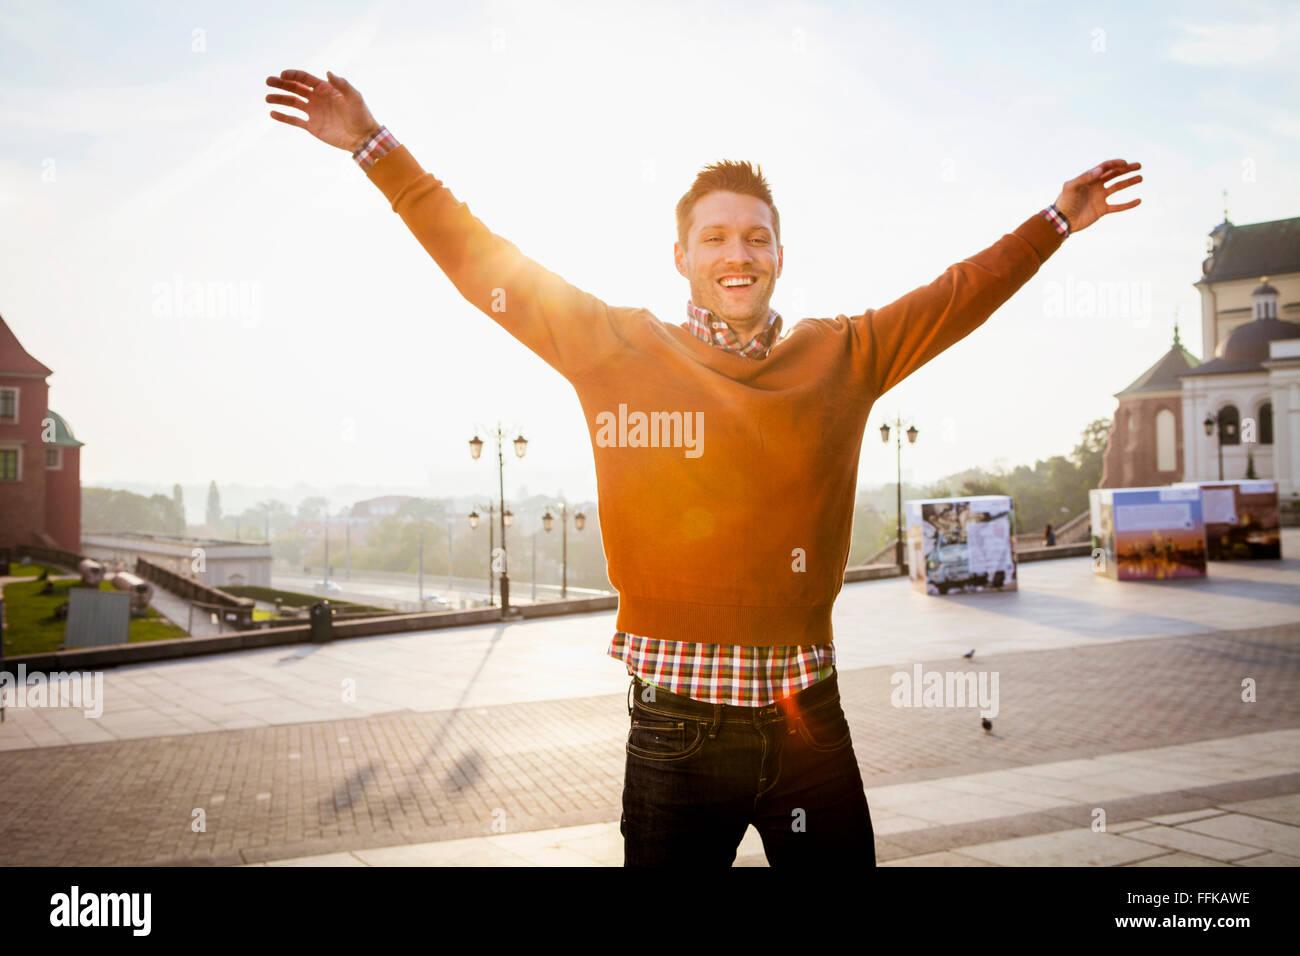 Mitad hombre adulto en una escapada a la ciudad de pie con los brazos levantados Imagen De Stock